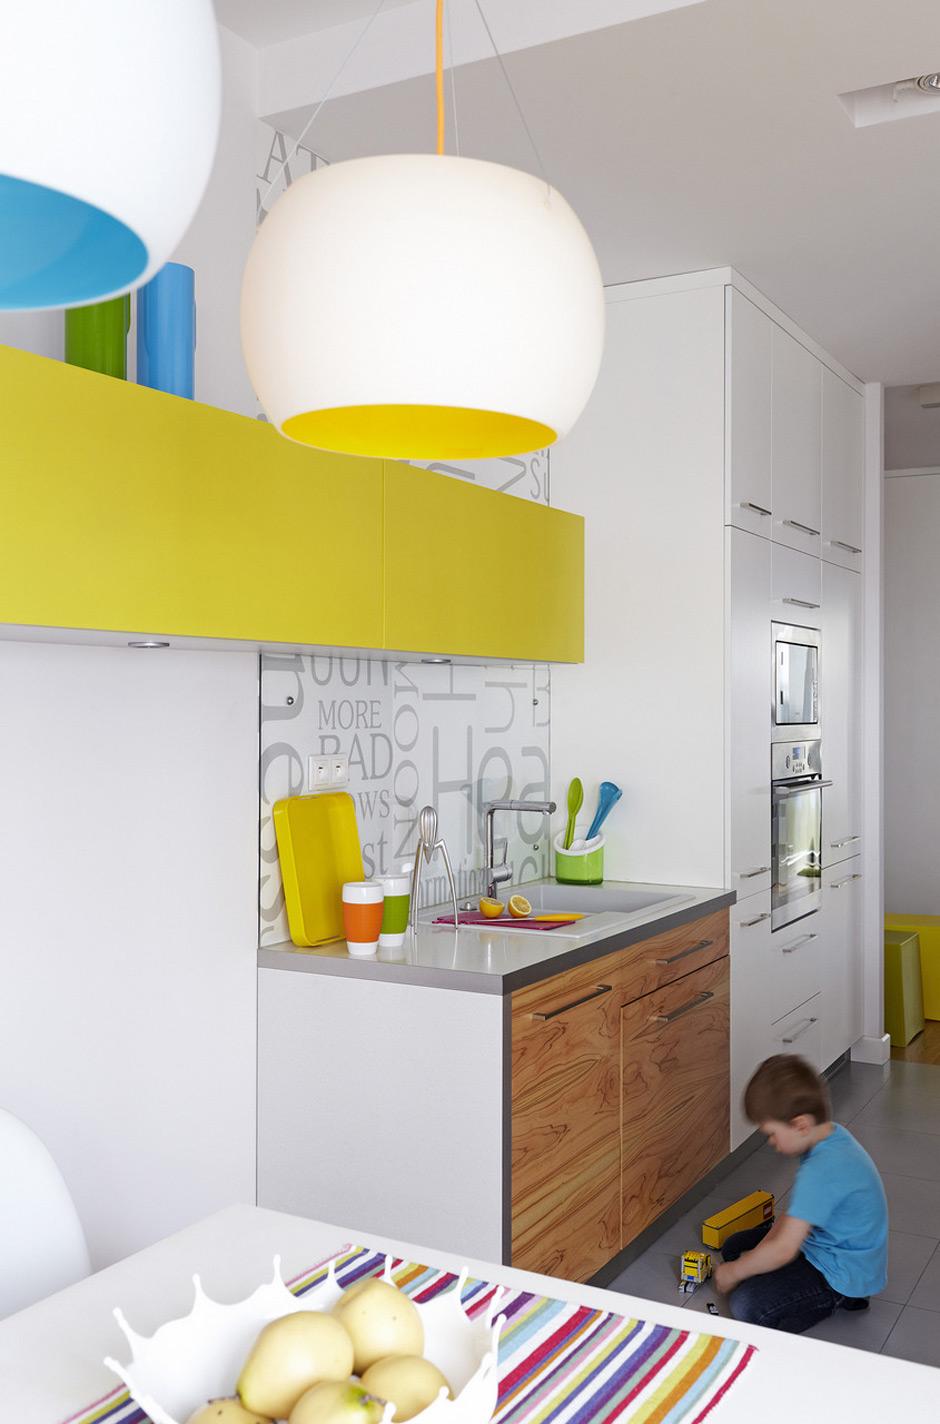 Белая кухня с желтыми и голубыми акцентами